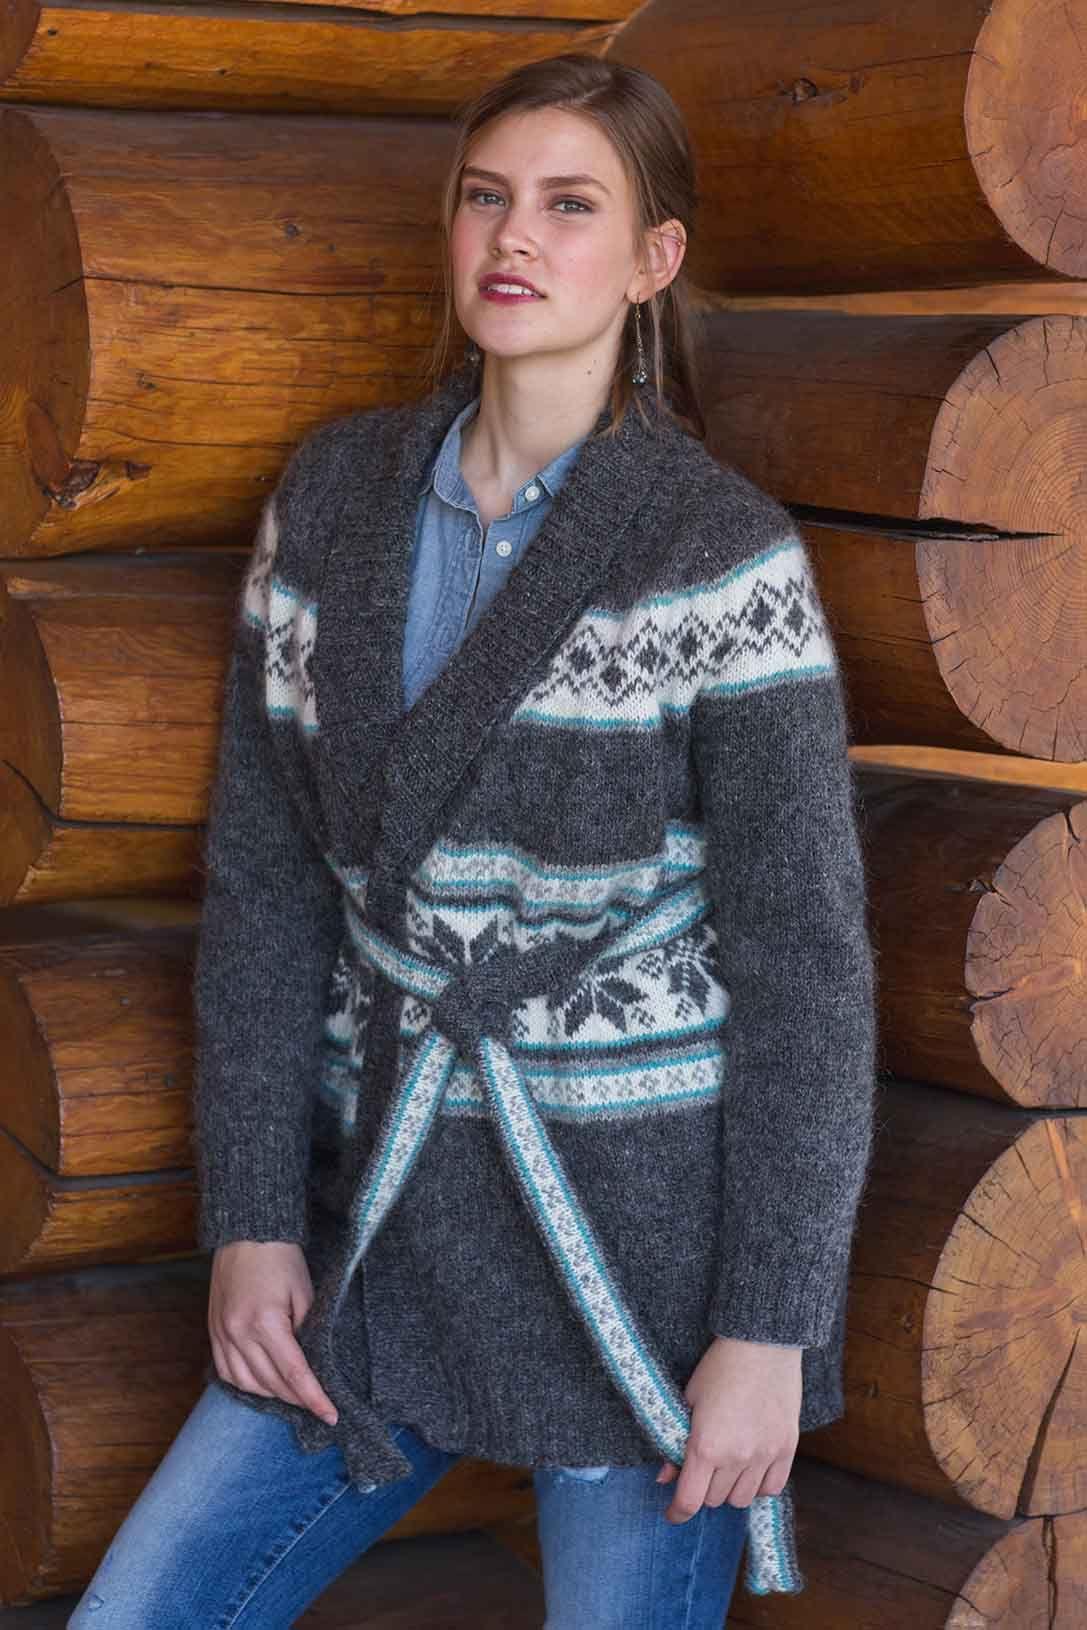 Grayling Cardigan Knitting Pattern | Knitting patterns, Yarns and ...